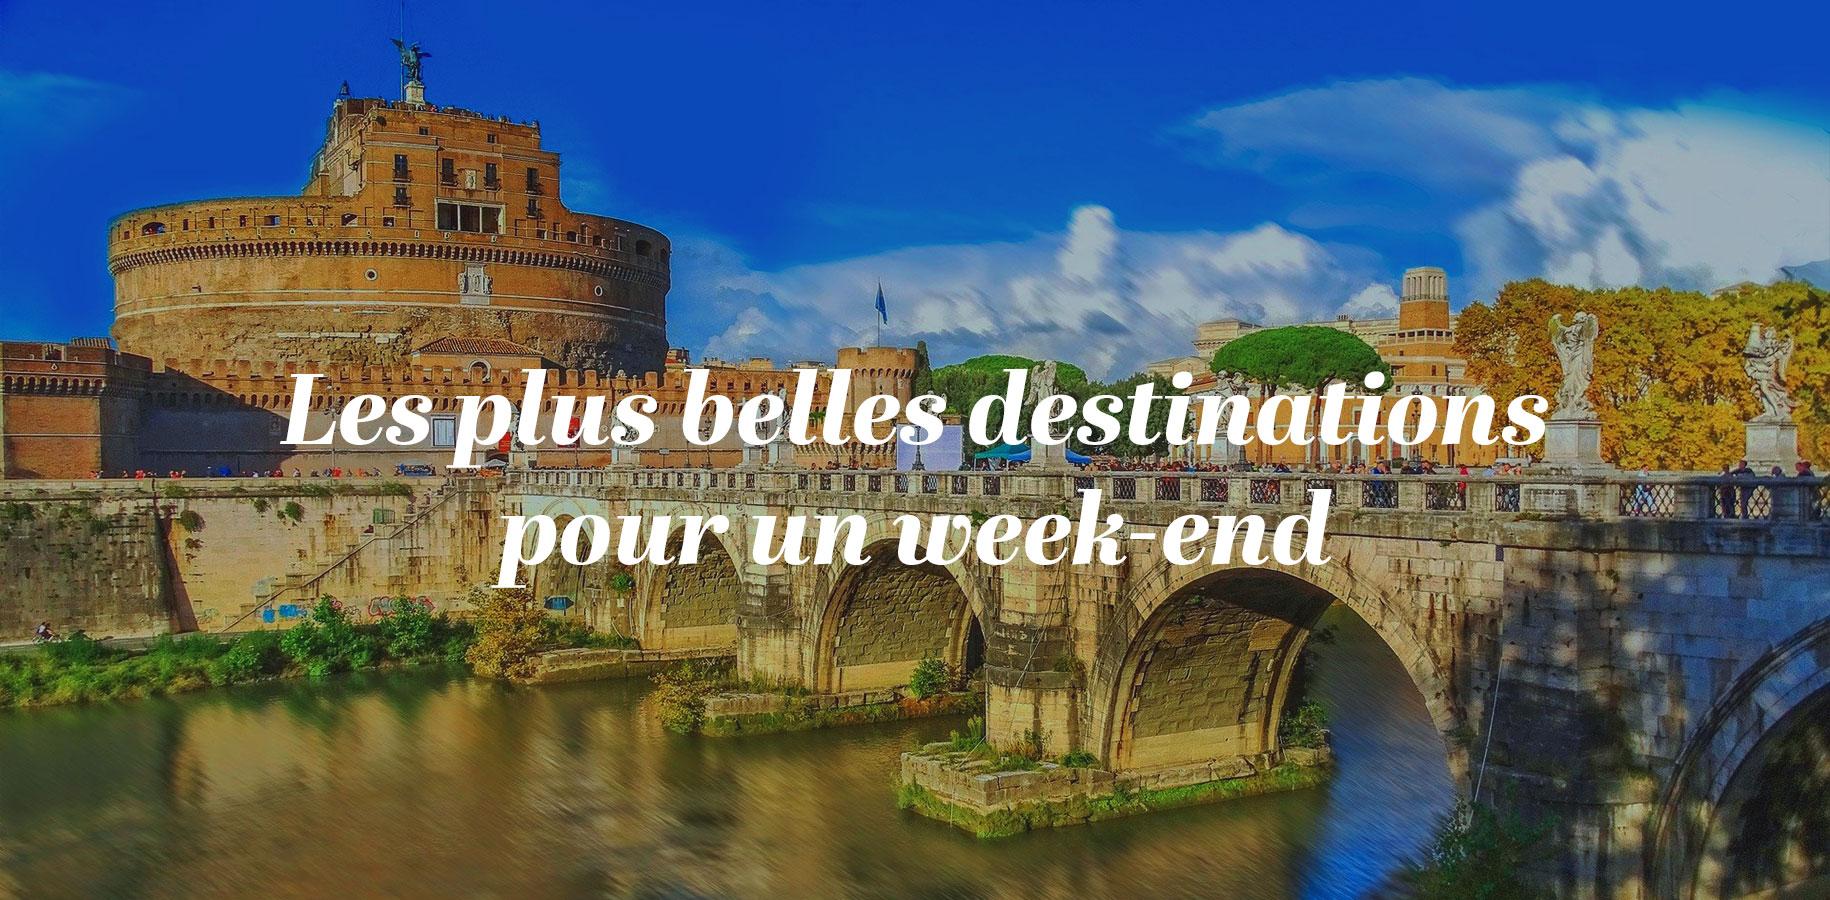 Les plus belles destinations pour un week-end